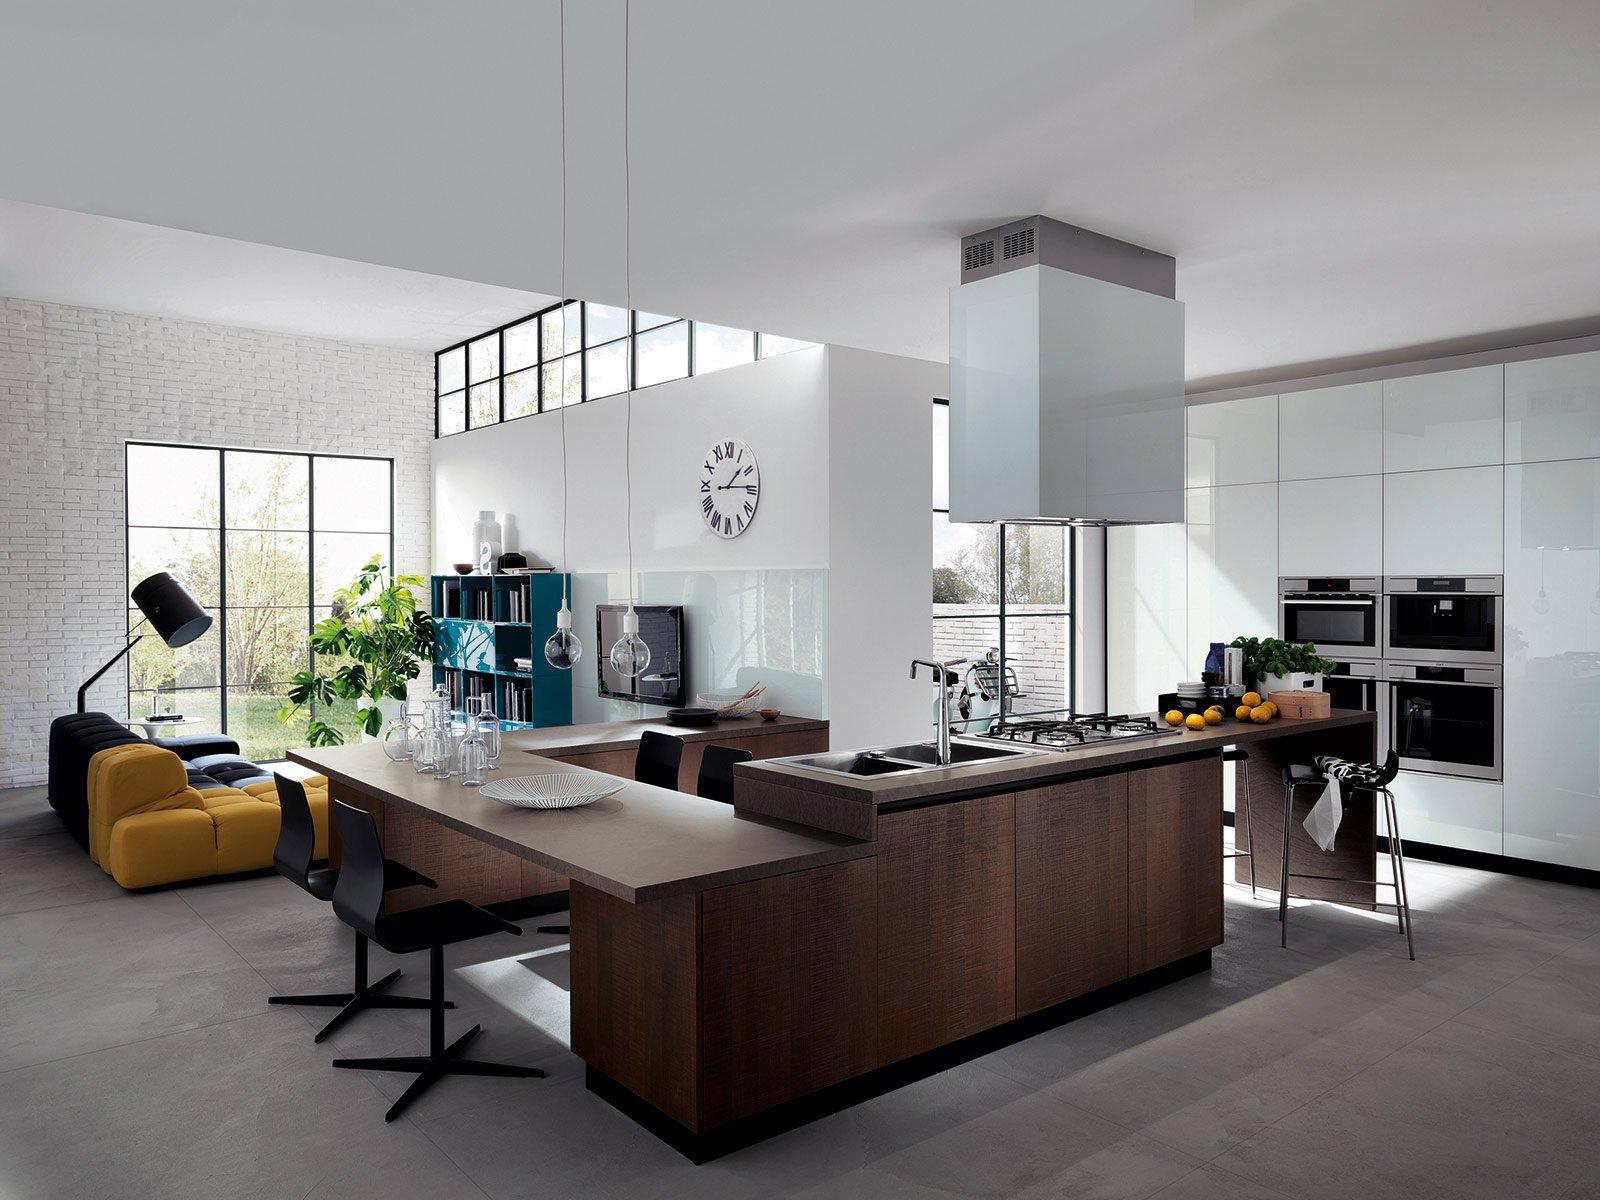 Cucina e soggiorno in un open space - Cose di Casa